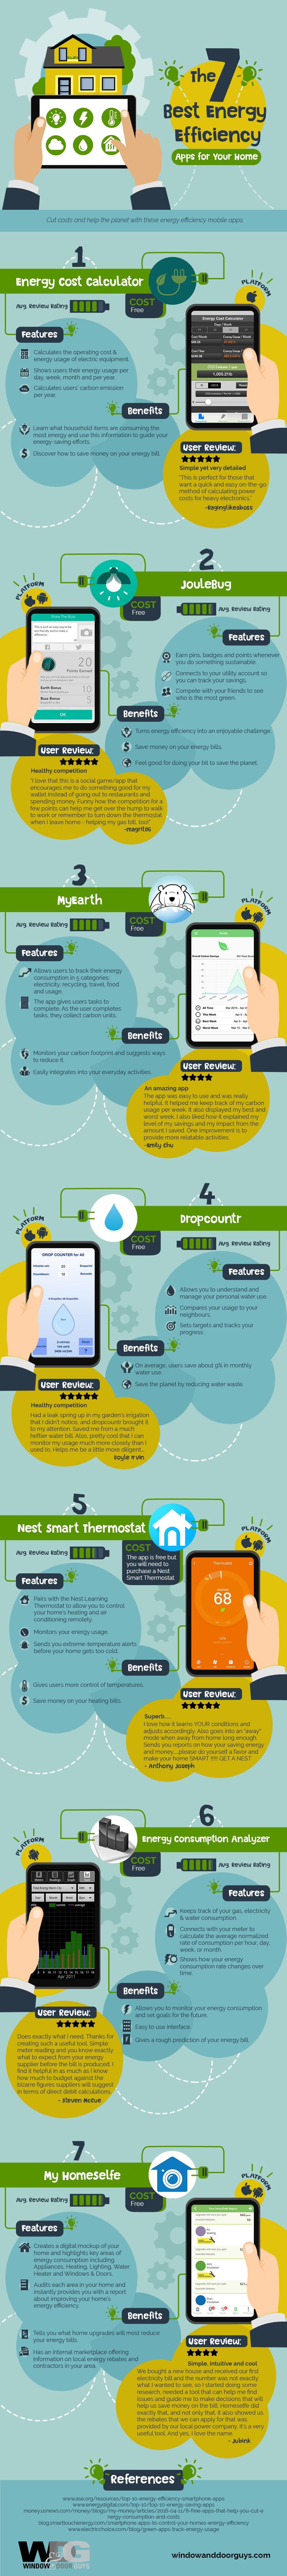 Las mejores apps de eficiencia energética para tu hogar